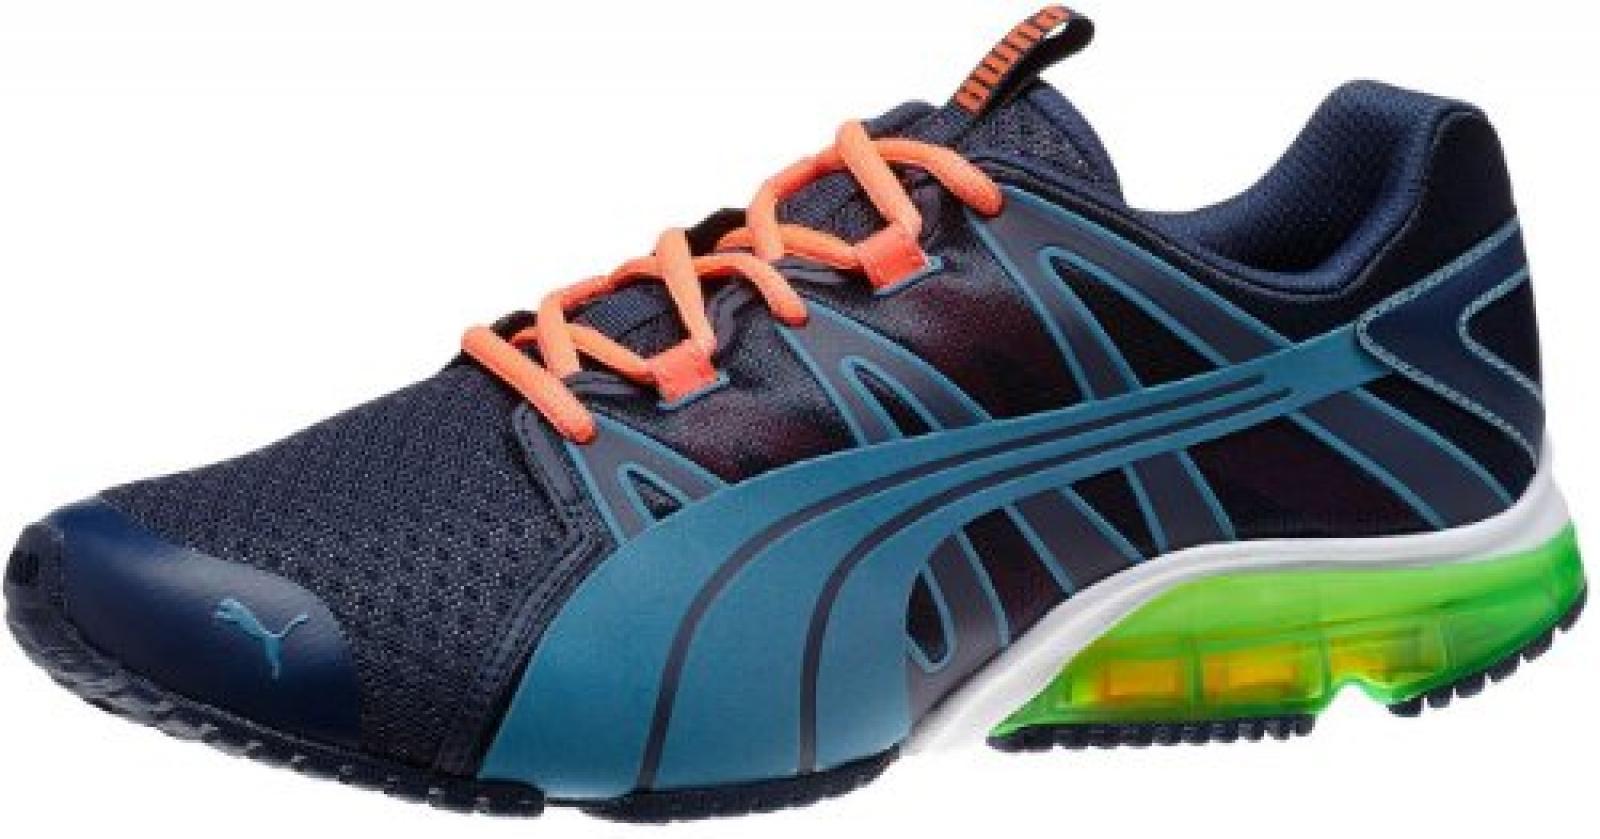 Puma - - Männer Powertech Voltaic Schuhe